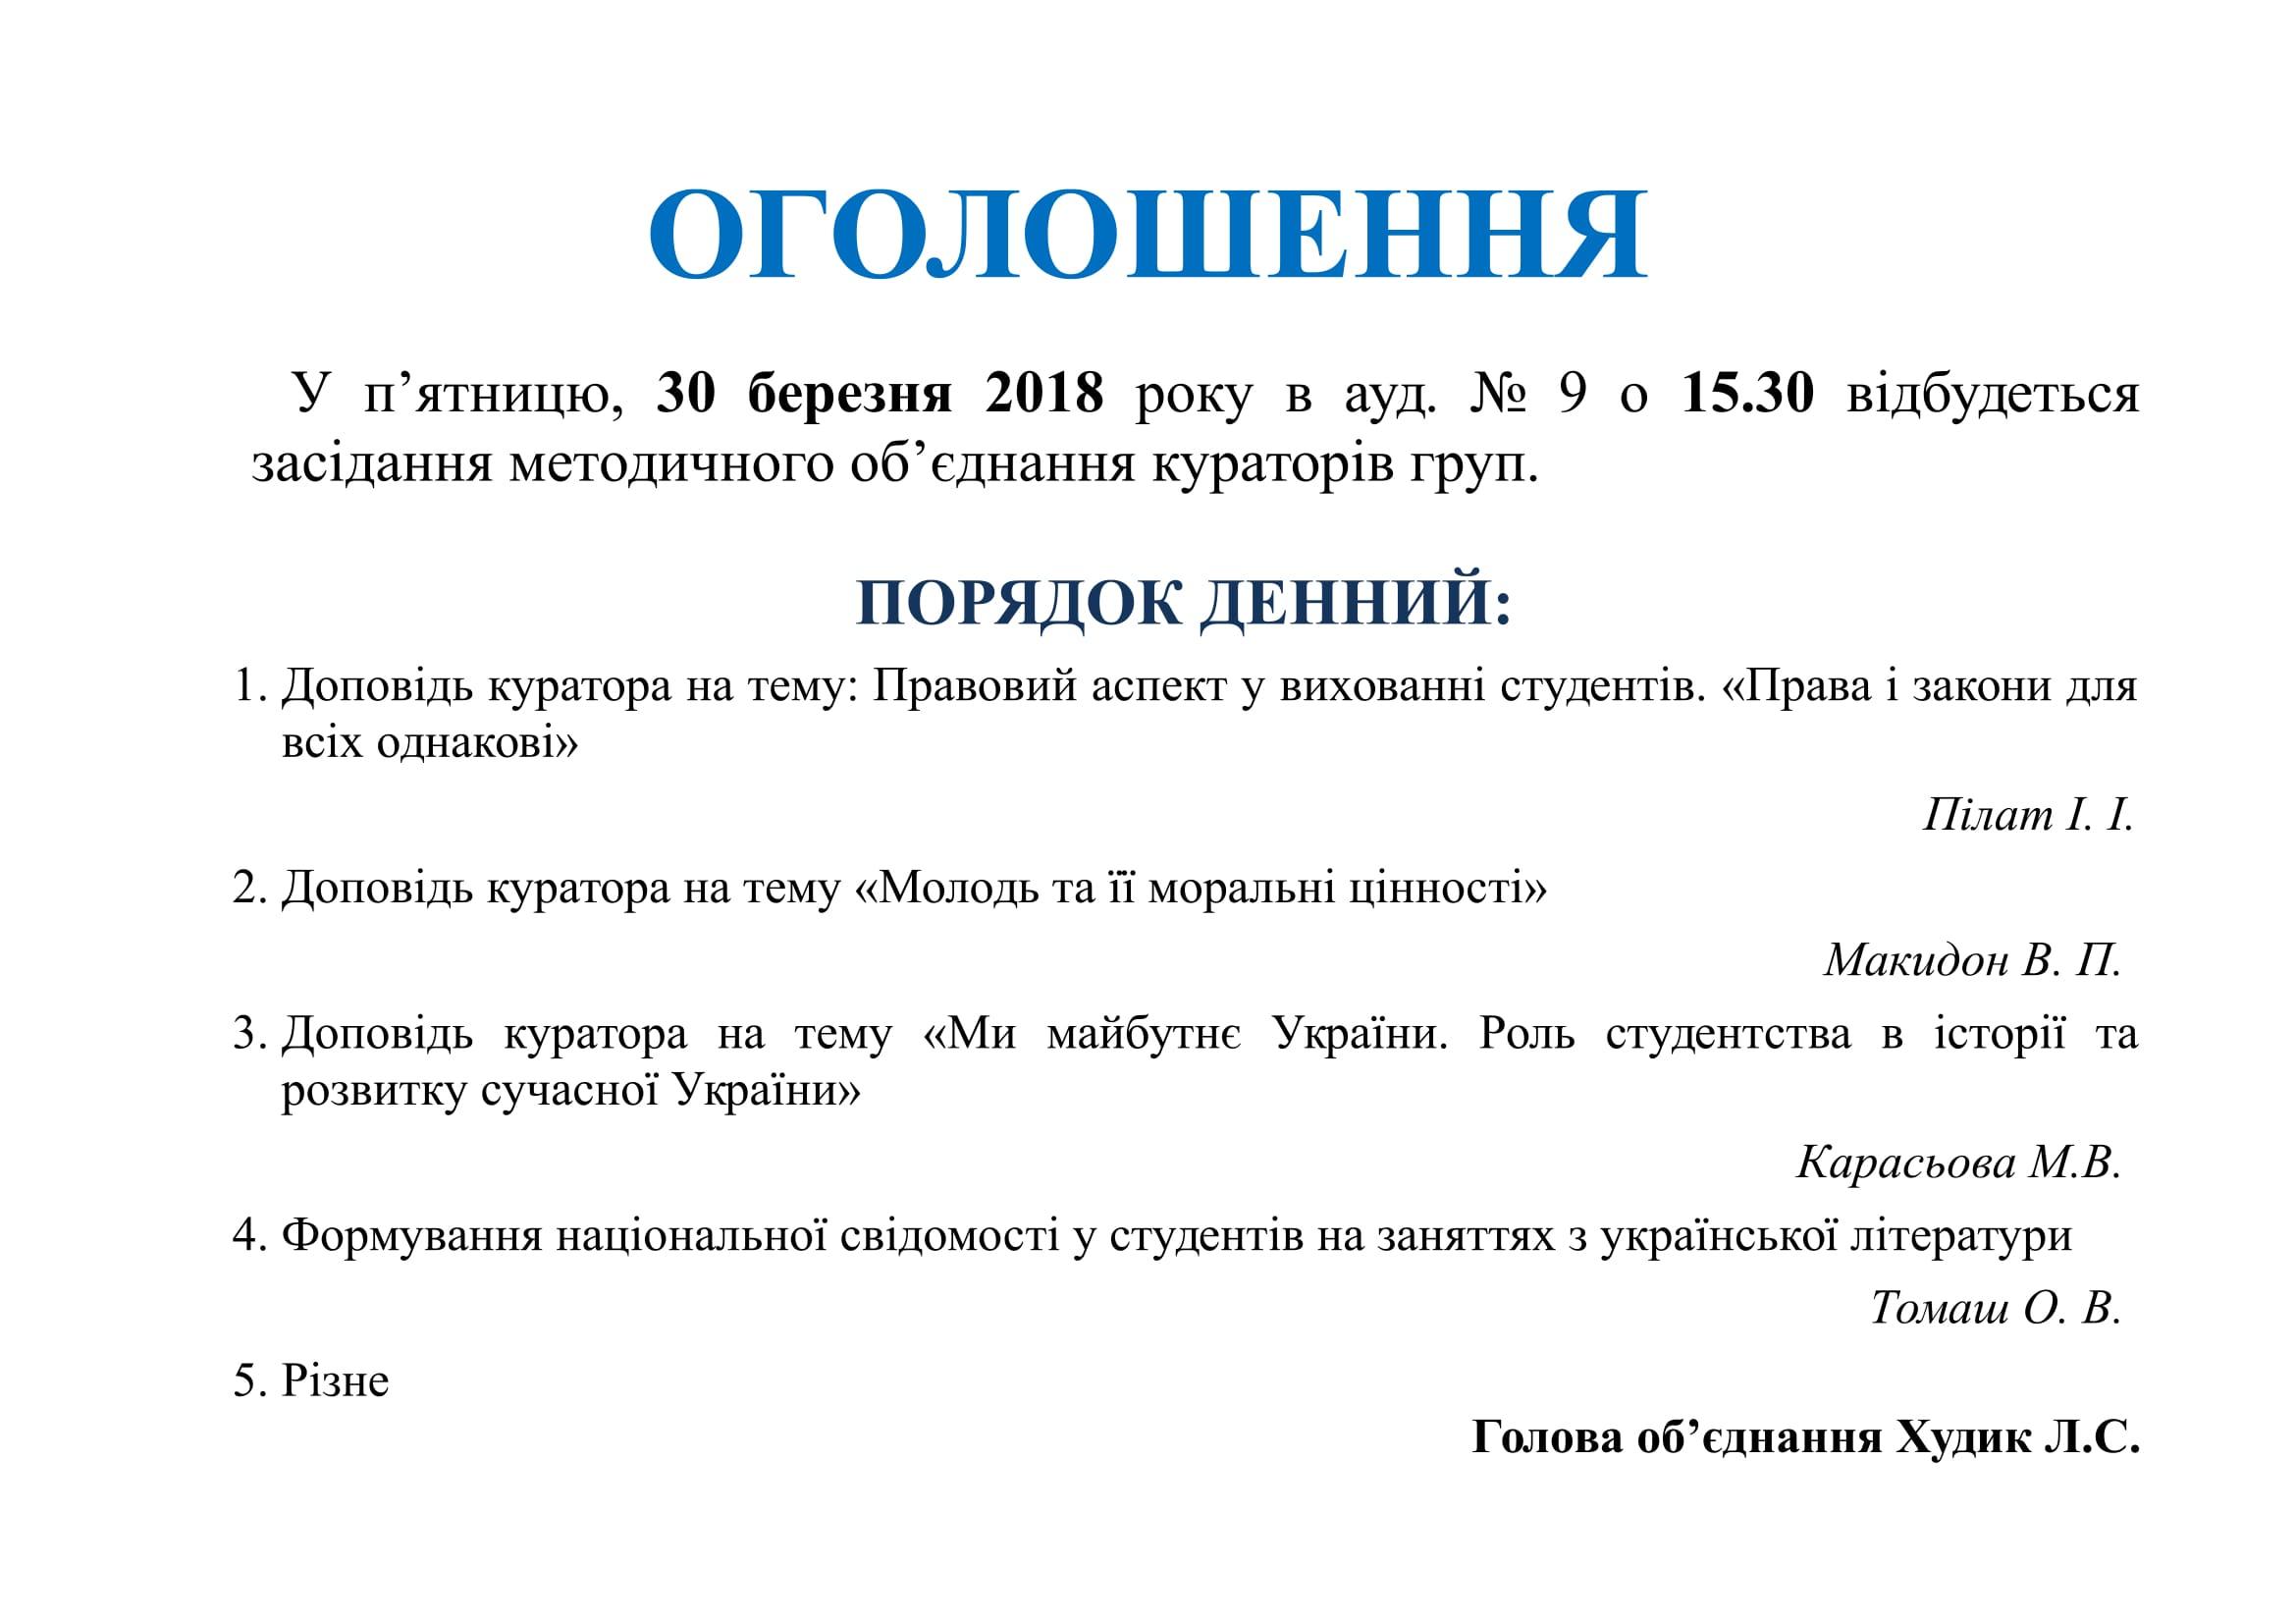 ОГОЛОШЕННЯ 1-1